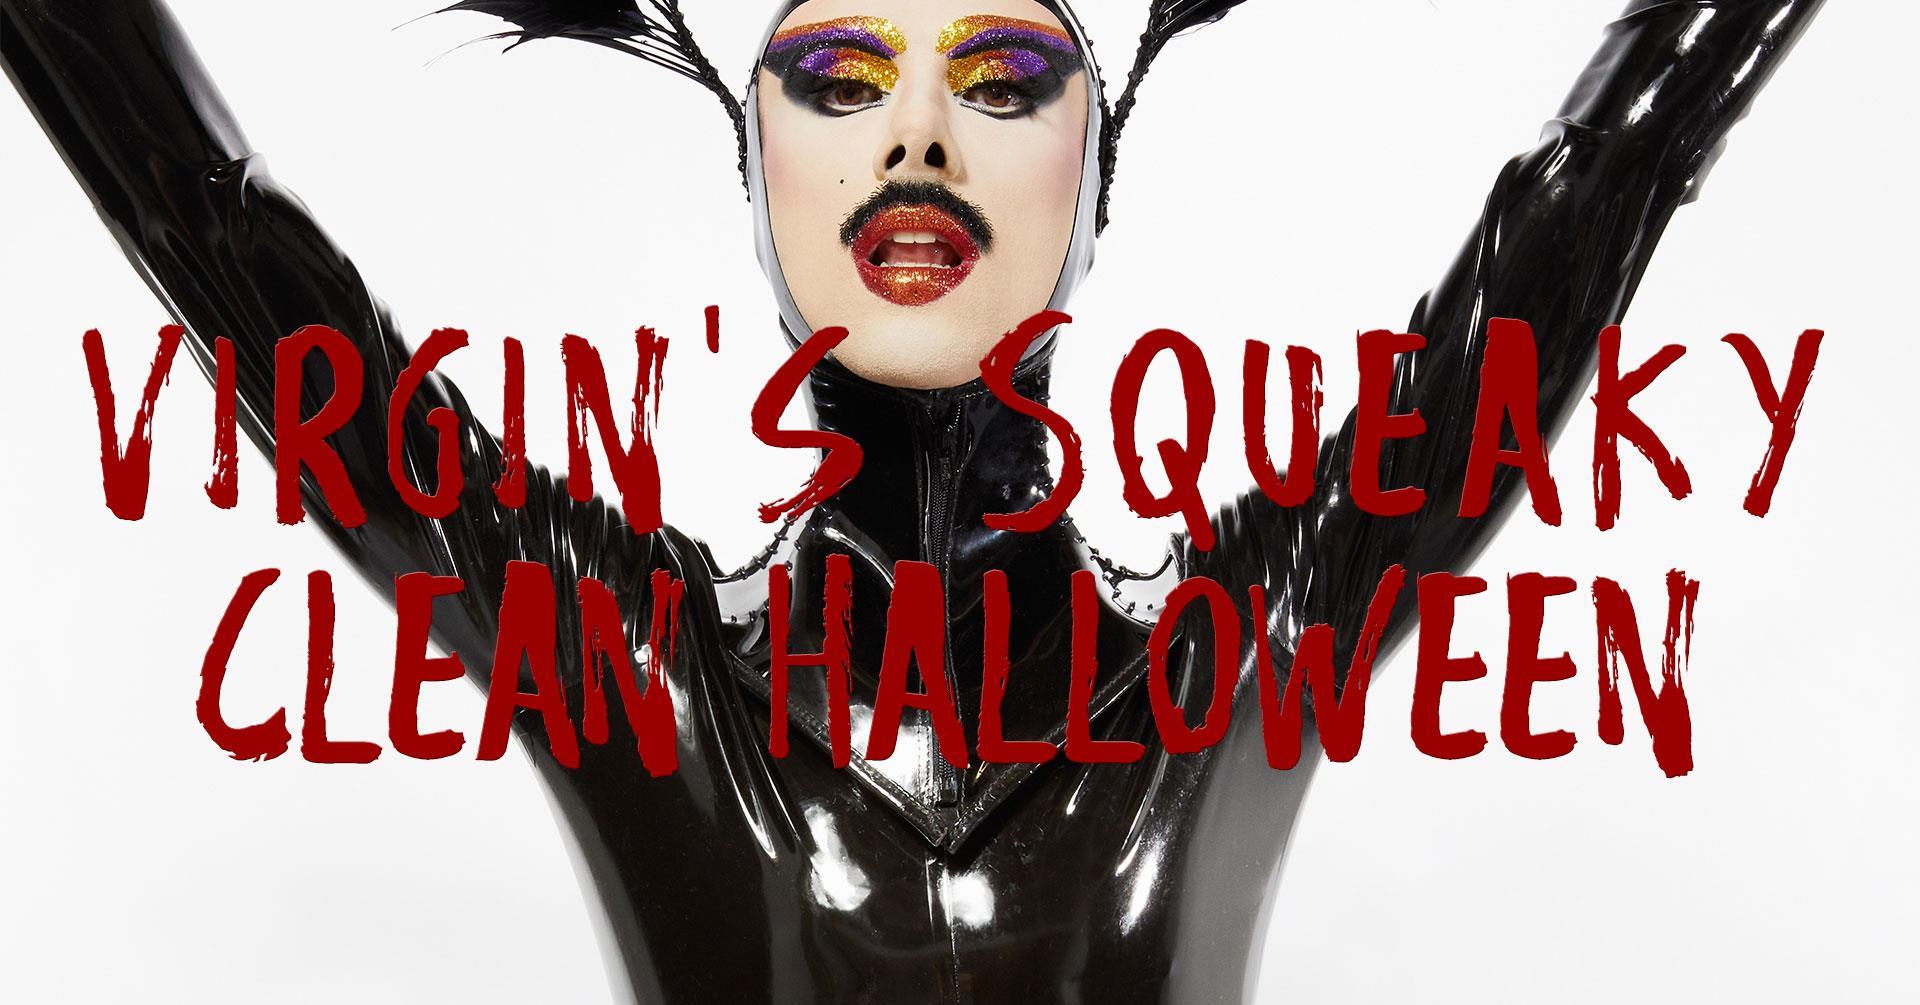 Virgin's Squeaky Clean Halloween